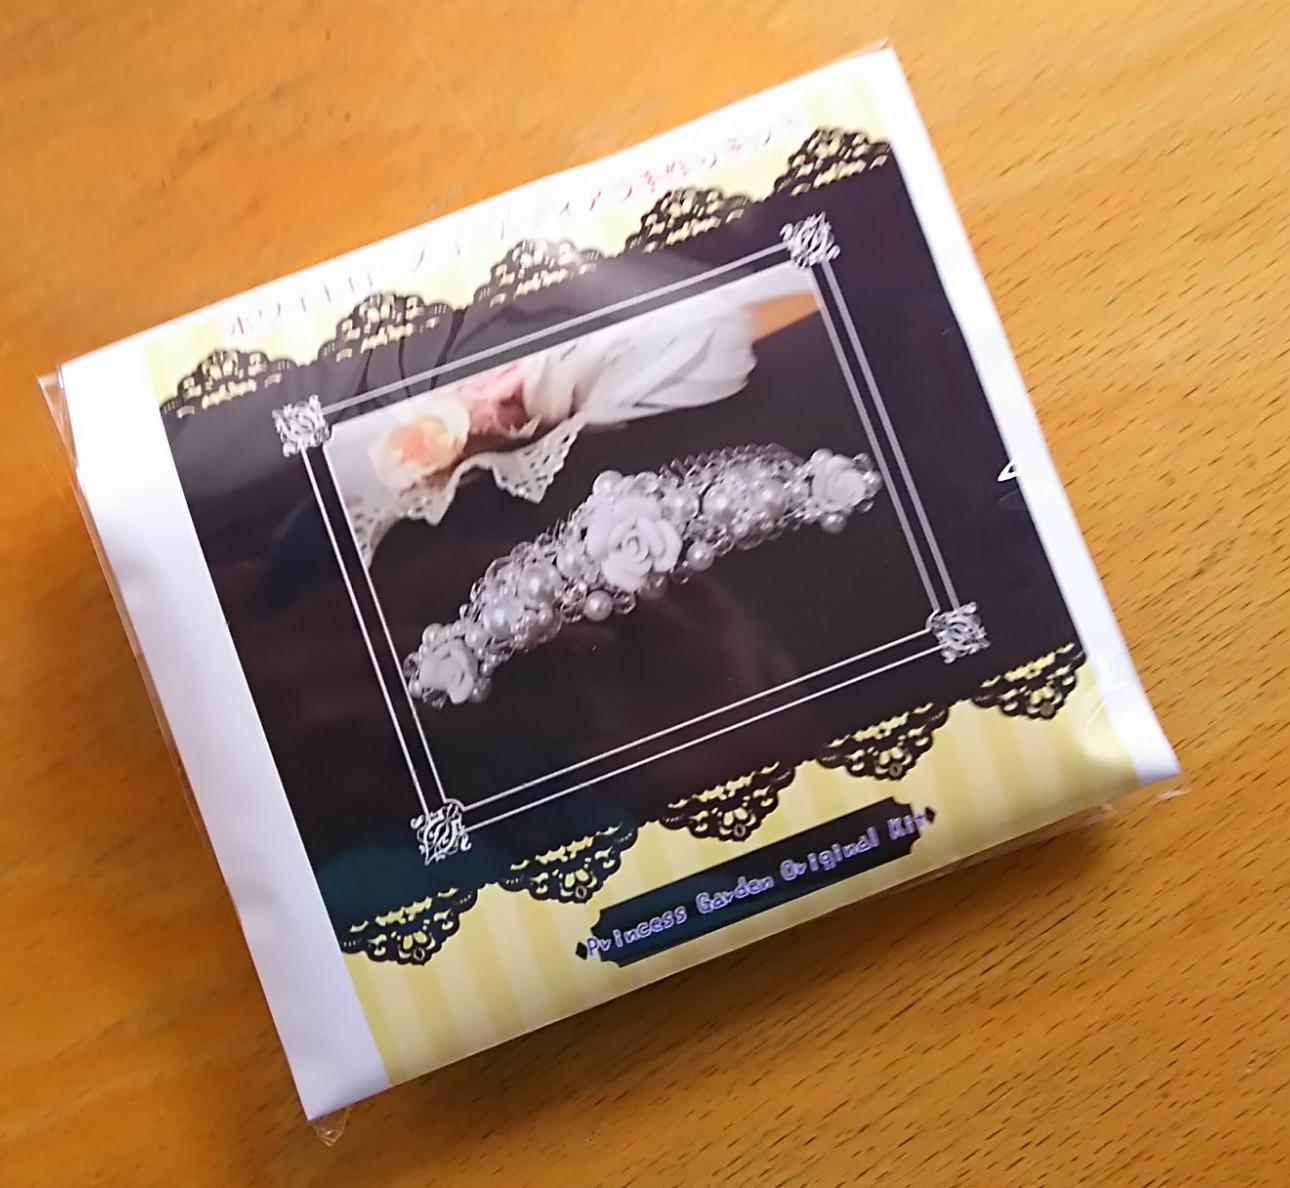 定価の67%OFF 薔薇好きの花嫁へ 当店限定販売 普段着にも合わせやすい 薔薇のコームティアラ手作りキット ホワイト 粘土ローズビーズキット 髪飾り 結婚 ブライダル ベール ヘッドドレス ボンネ